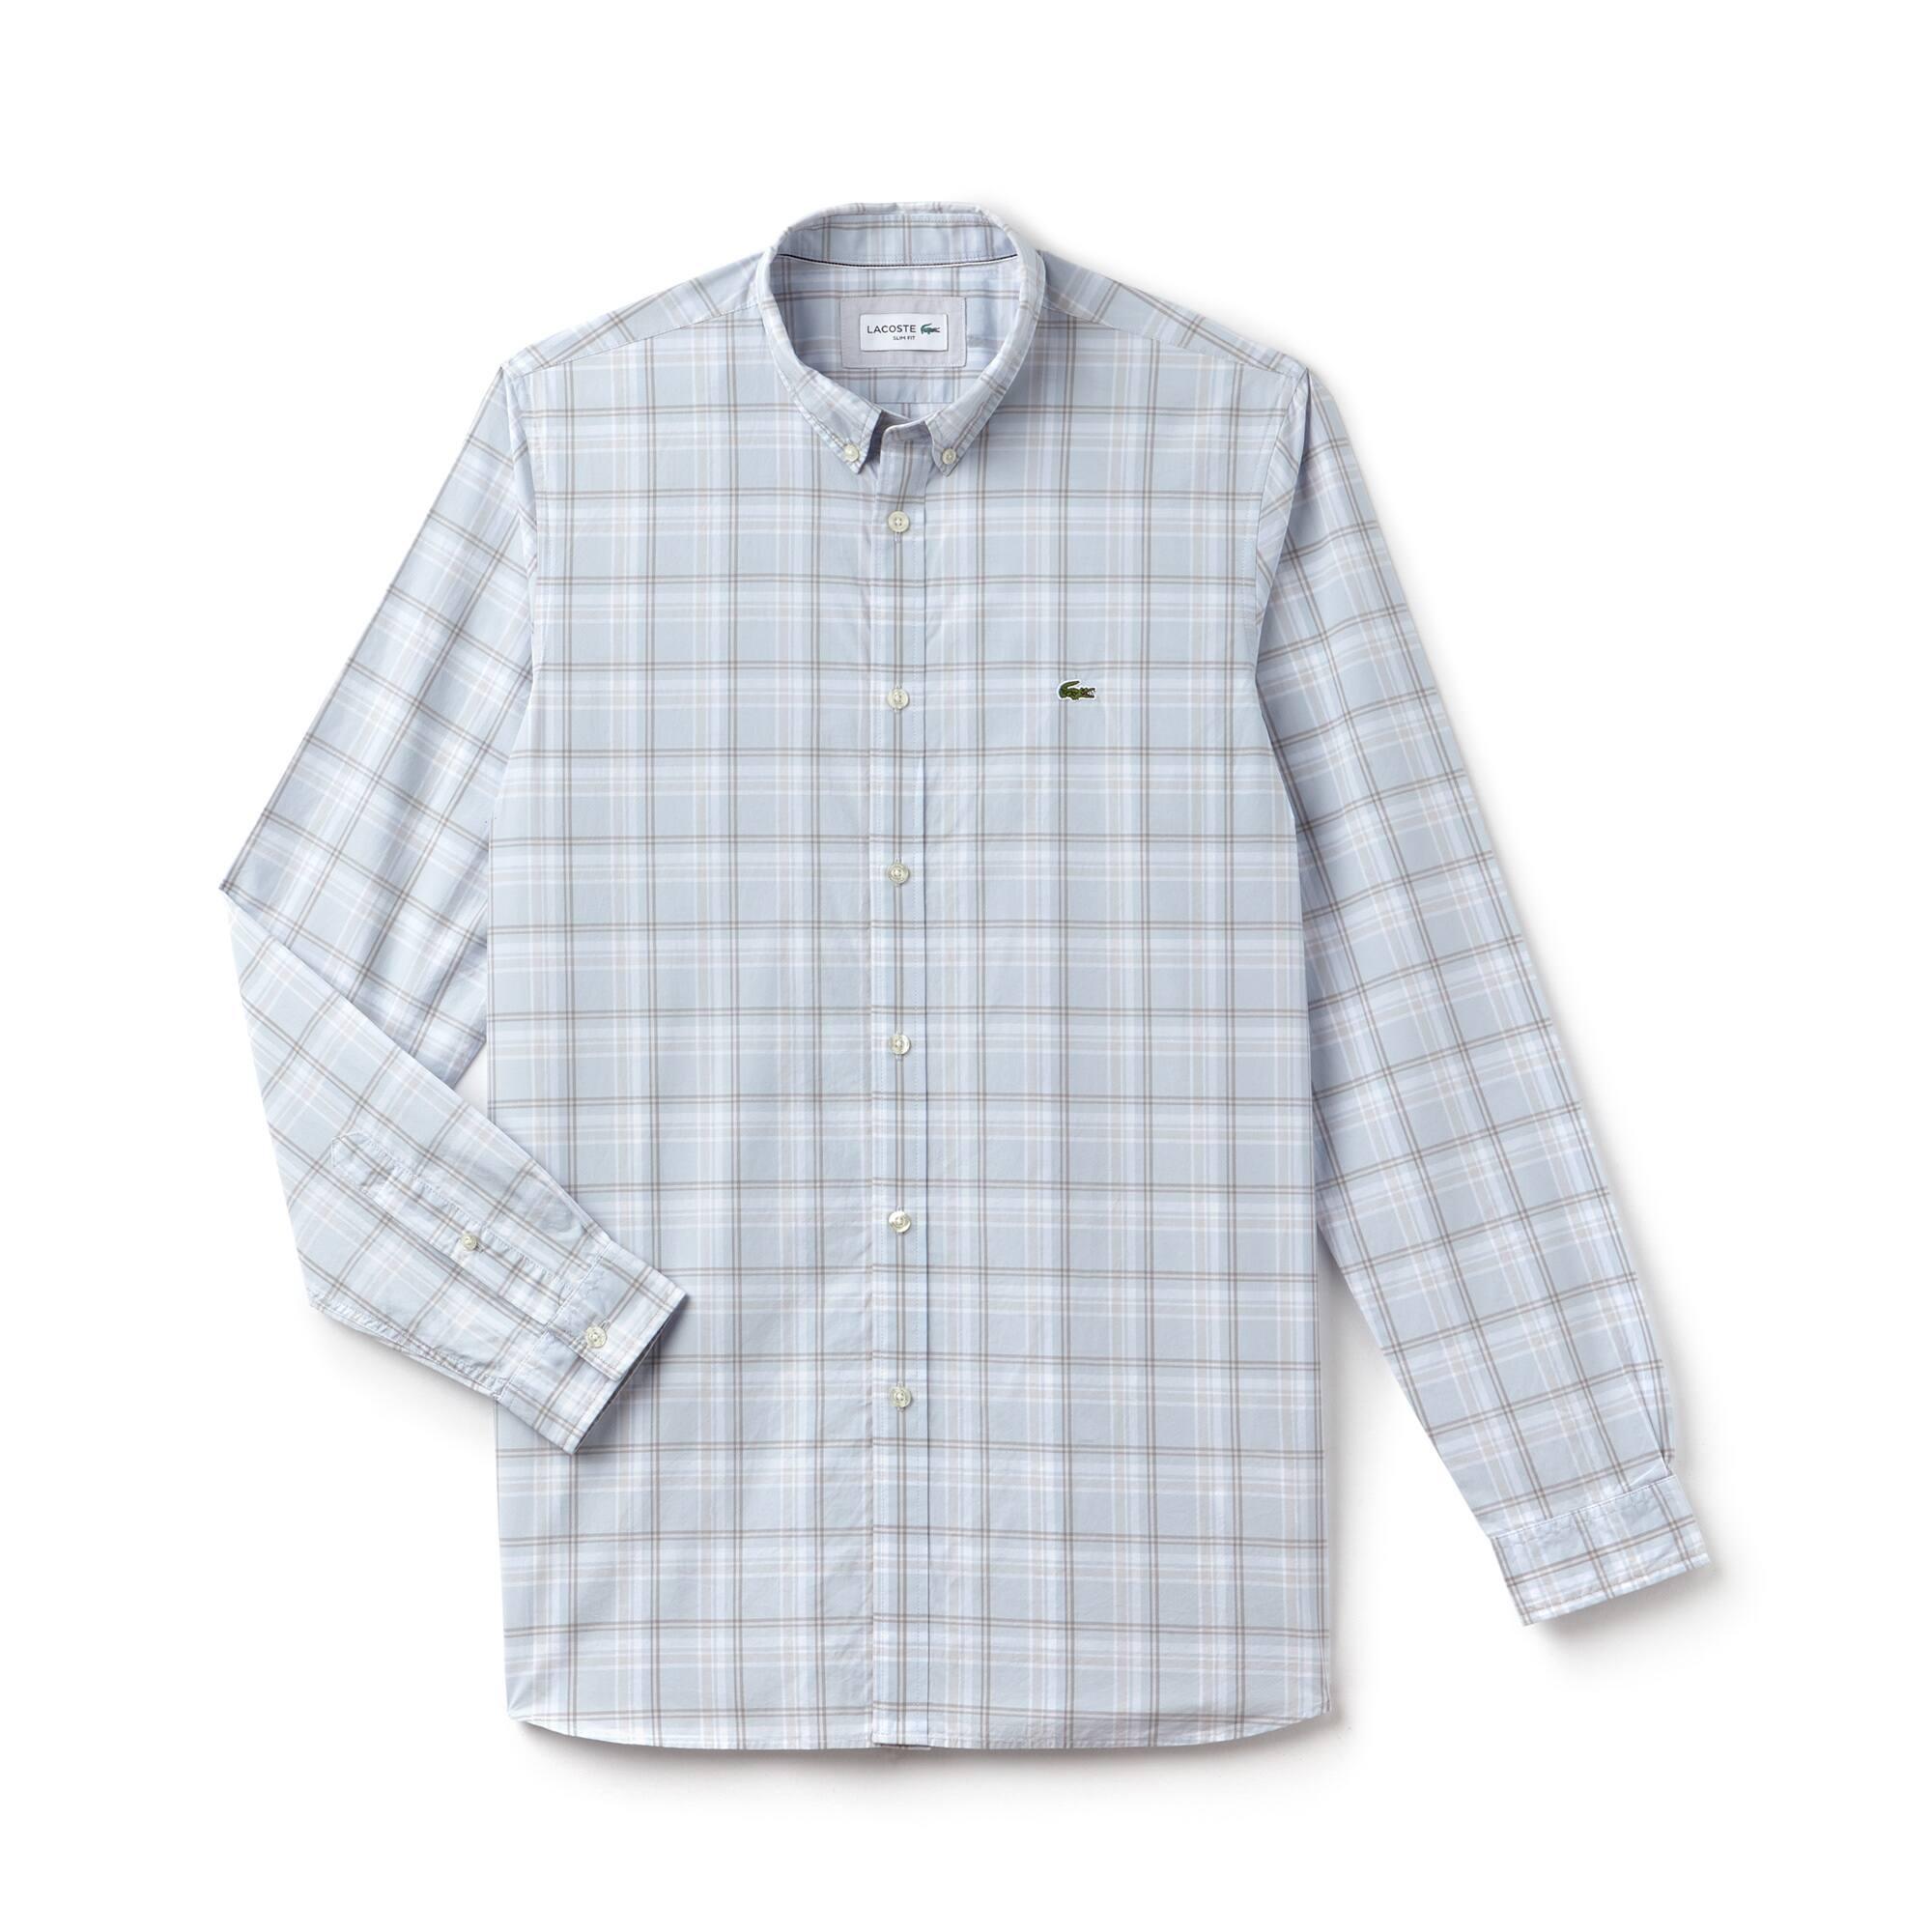 Camisa slim fit em popelina de algodão aos quadrados grandes